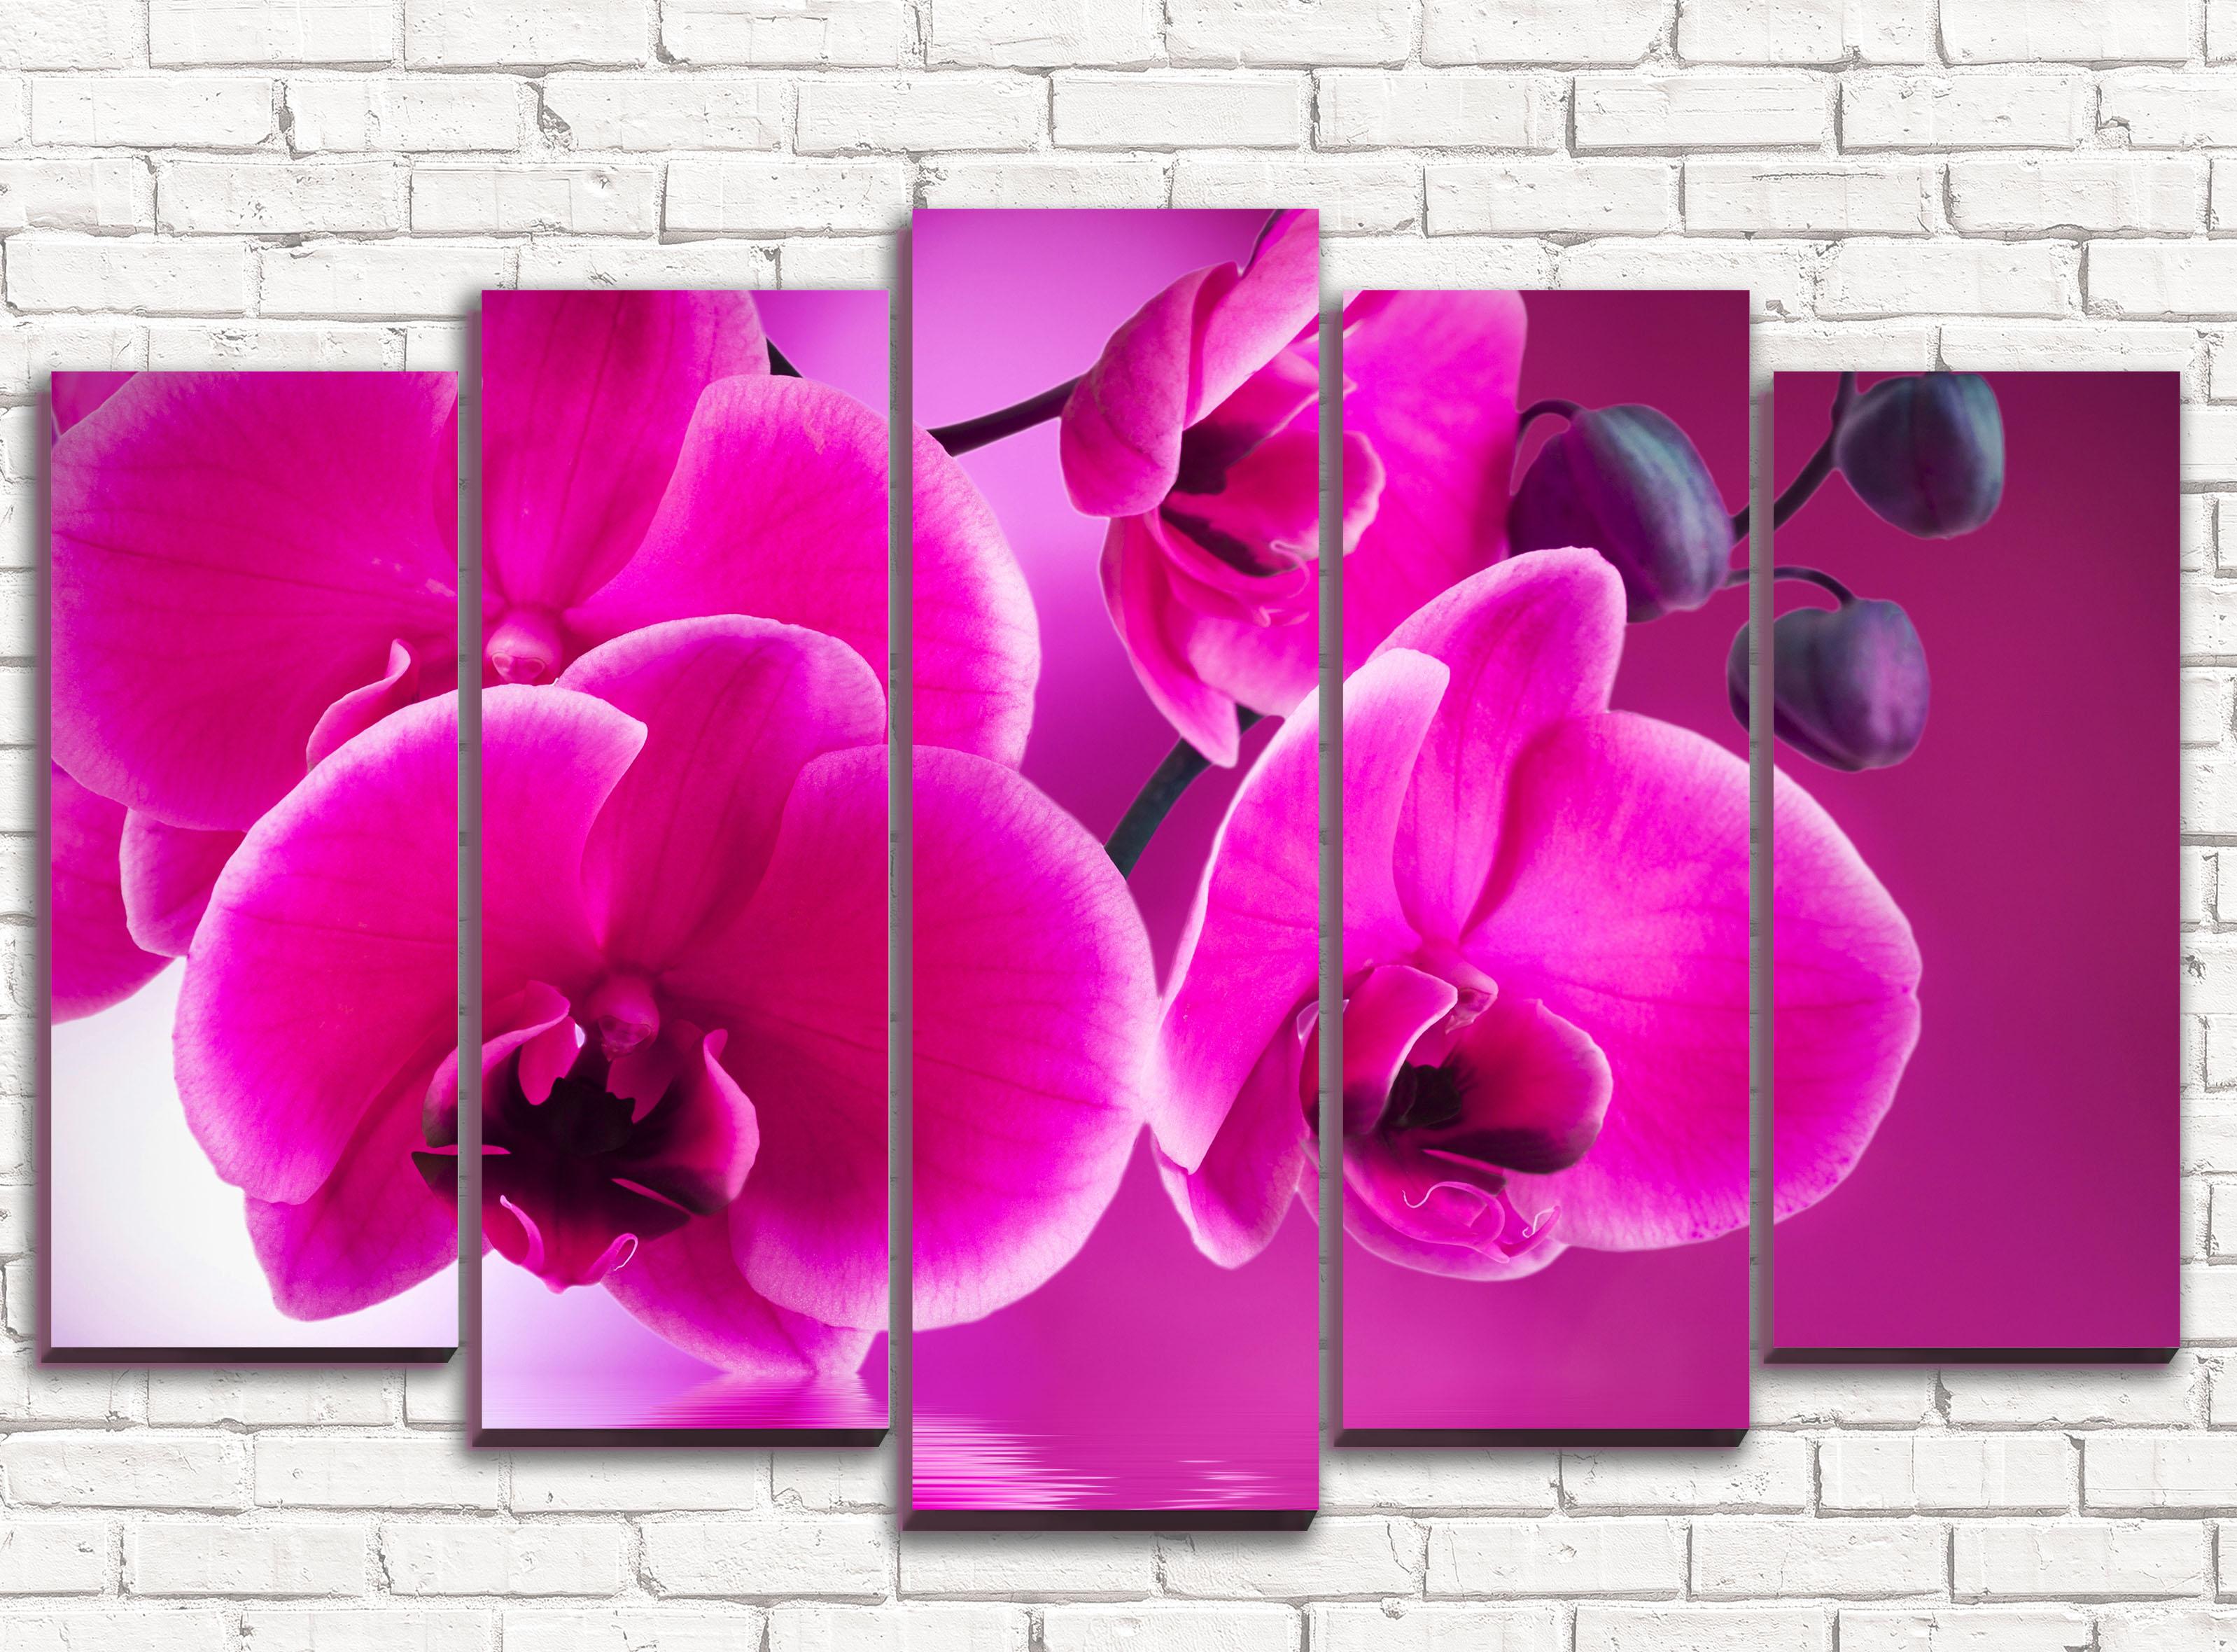 простой для цветы фотопечать на холсте стоя очереди, что